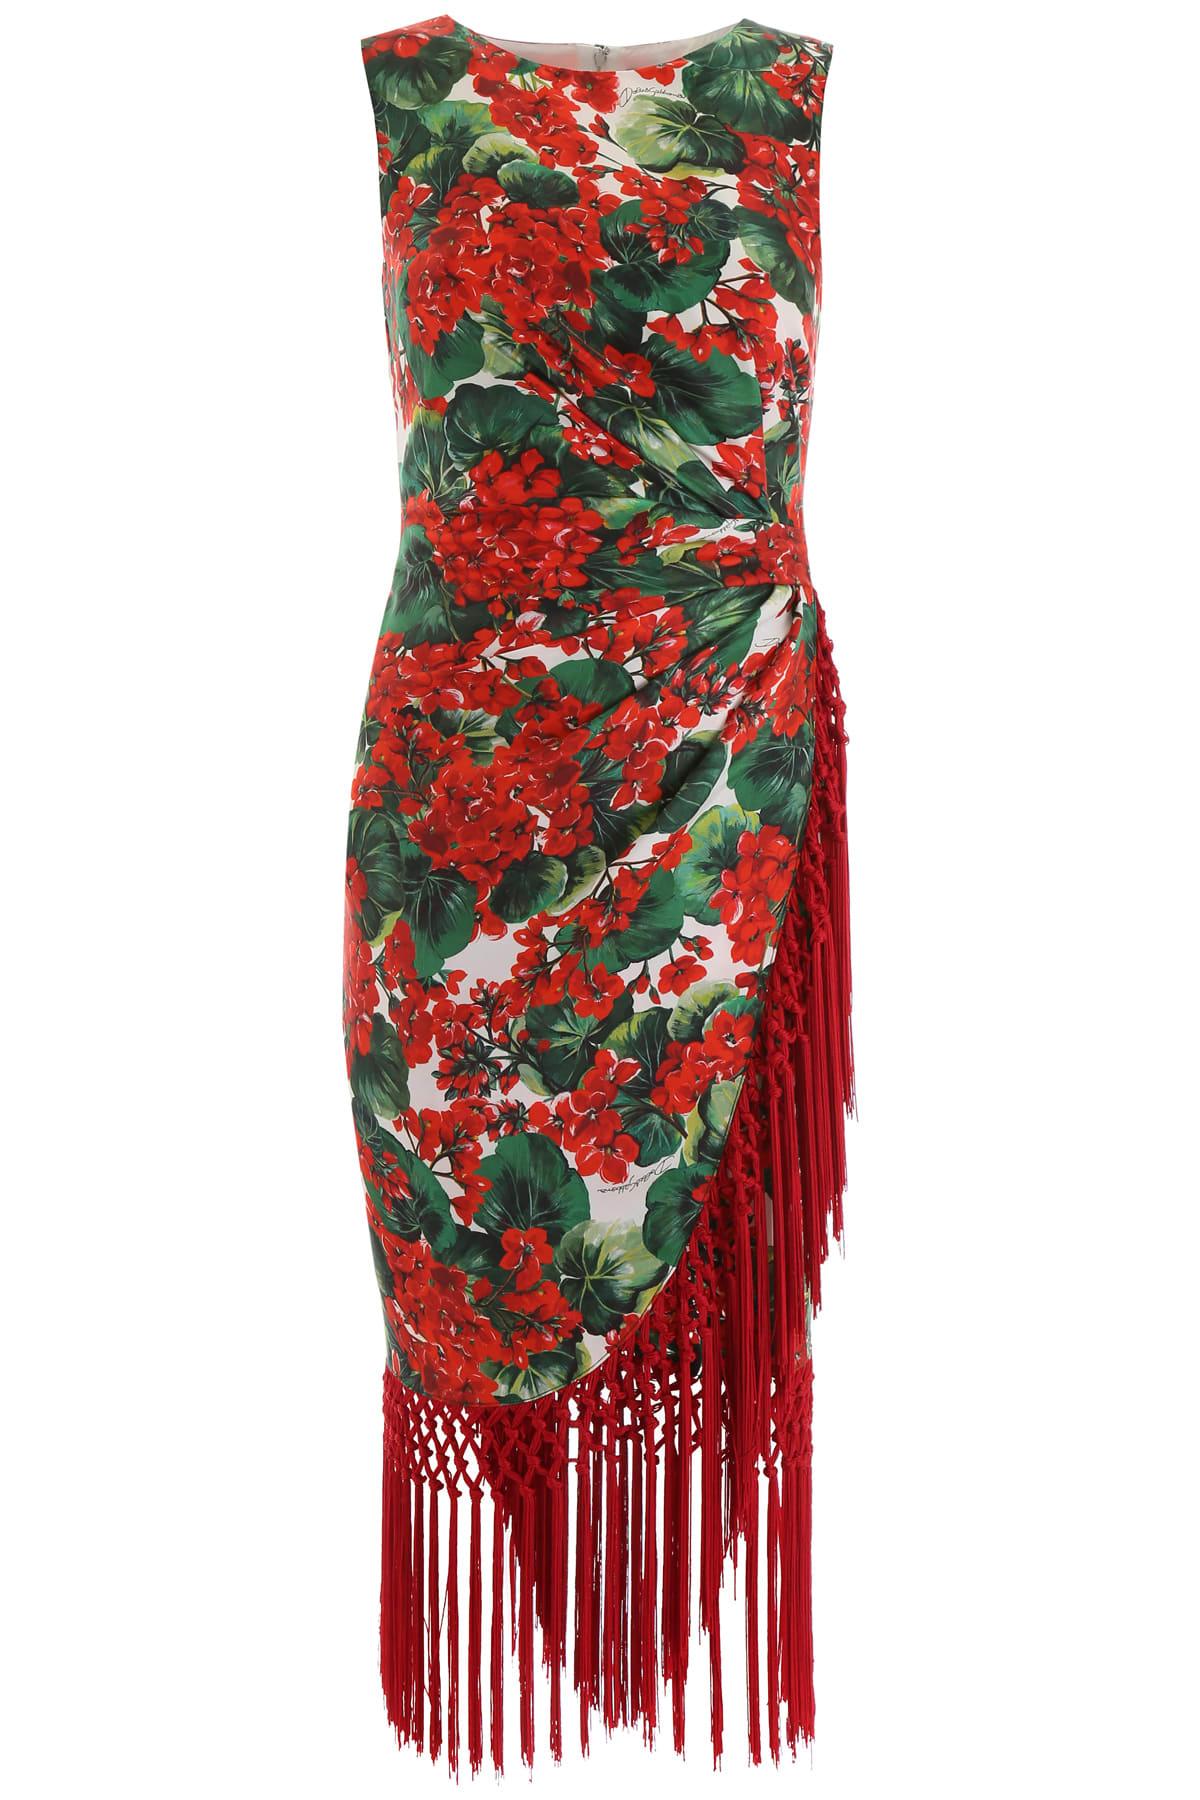 Dolce & Gabbana Fringed Dress